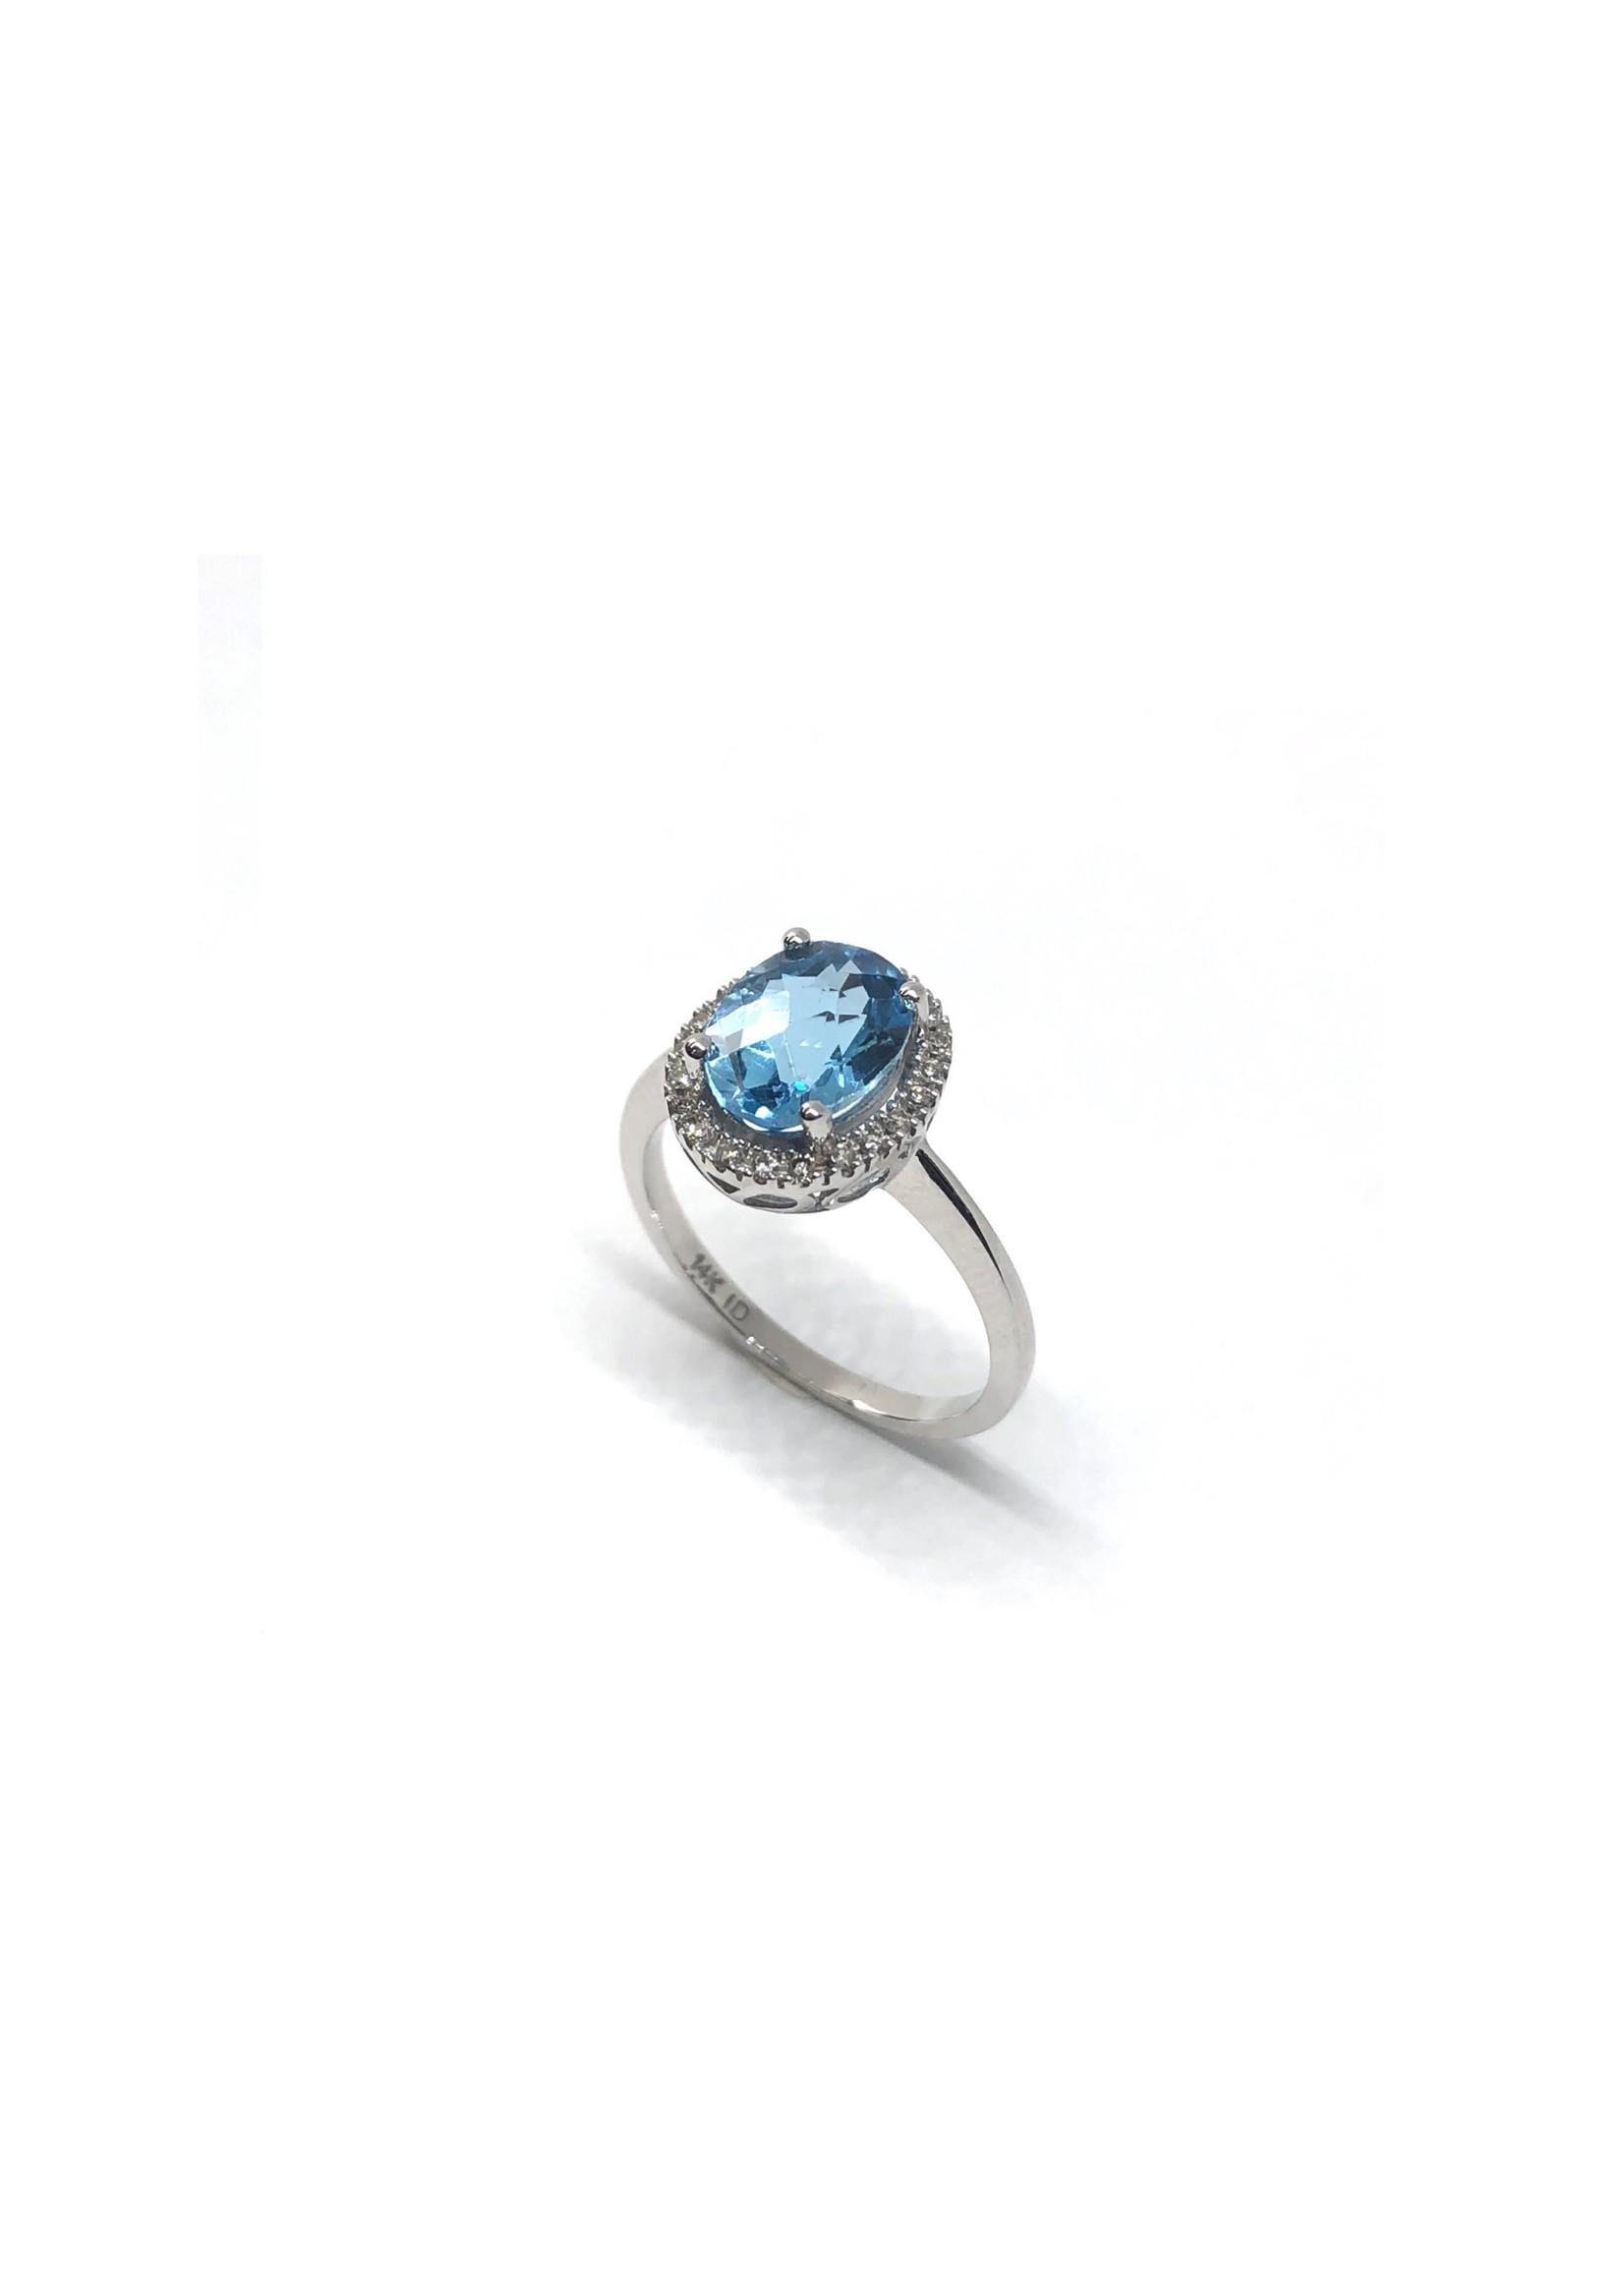 PARÉ Bague Halo Topaz bleu Or blanc 14K avec Diamants